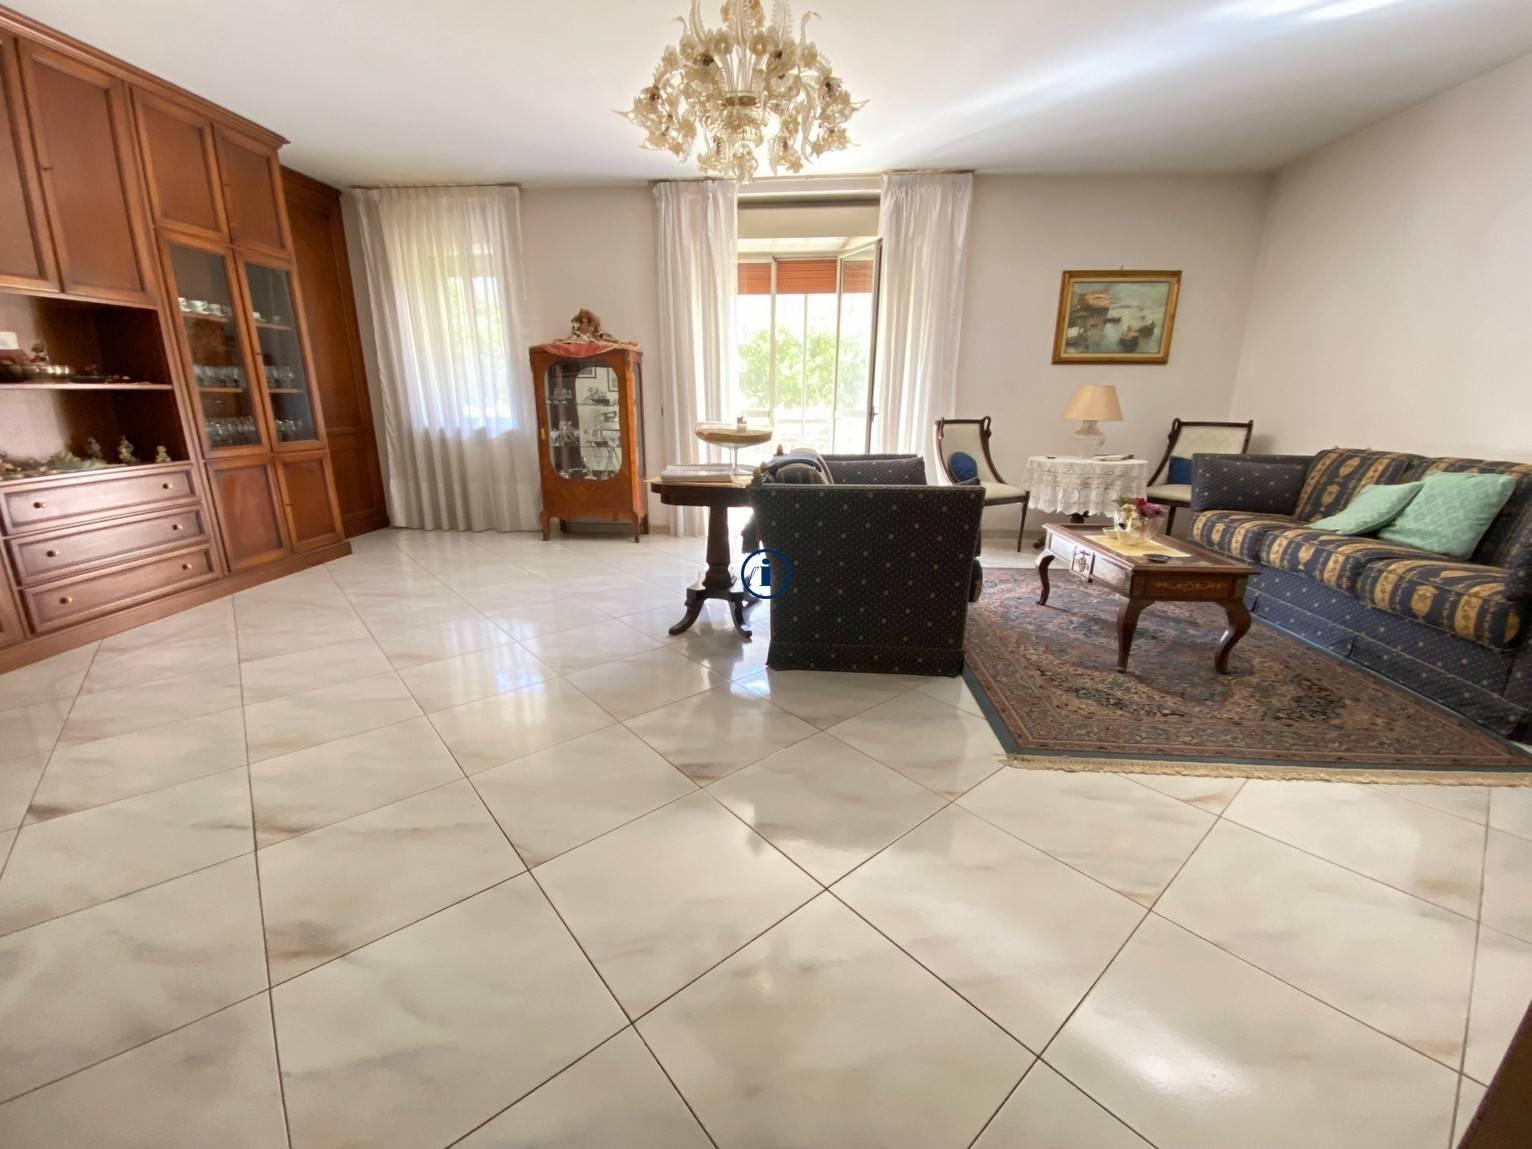 Appartamento in vendita a Caserta, 5 locali, zona o, prezzo € 295.000 | PortaleAgenzieImmobiliari.it